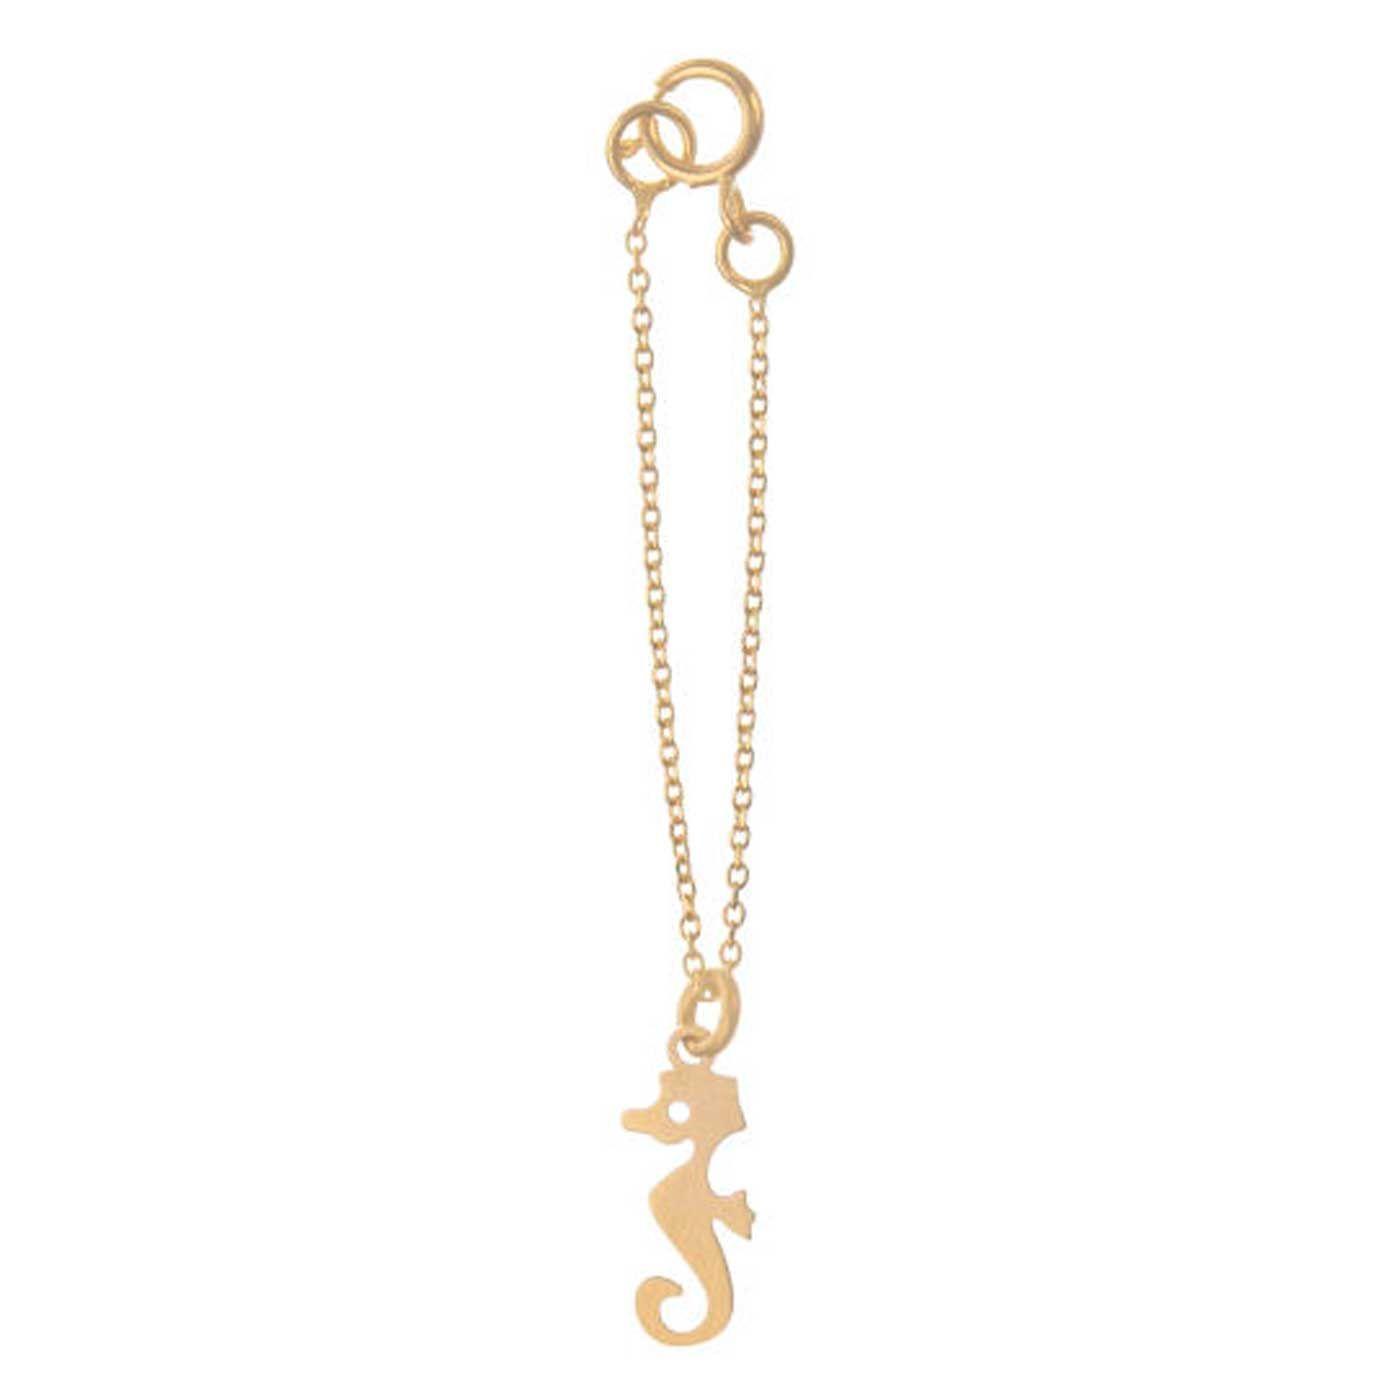 آویز ساعت طلا 18 عیار زنانه کانیار گالری کد AS91 -  - 2